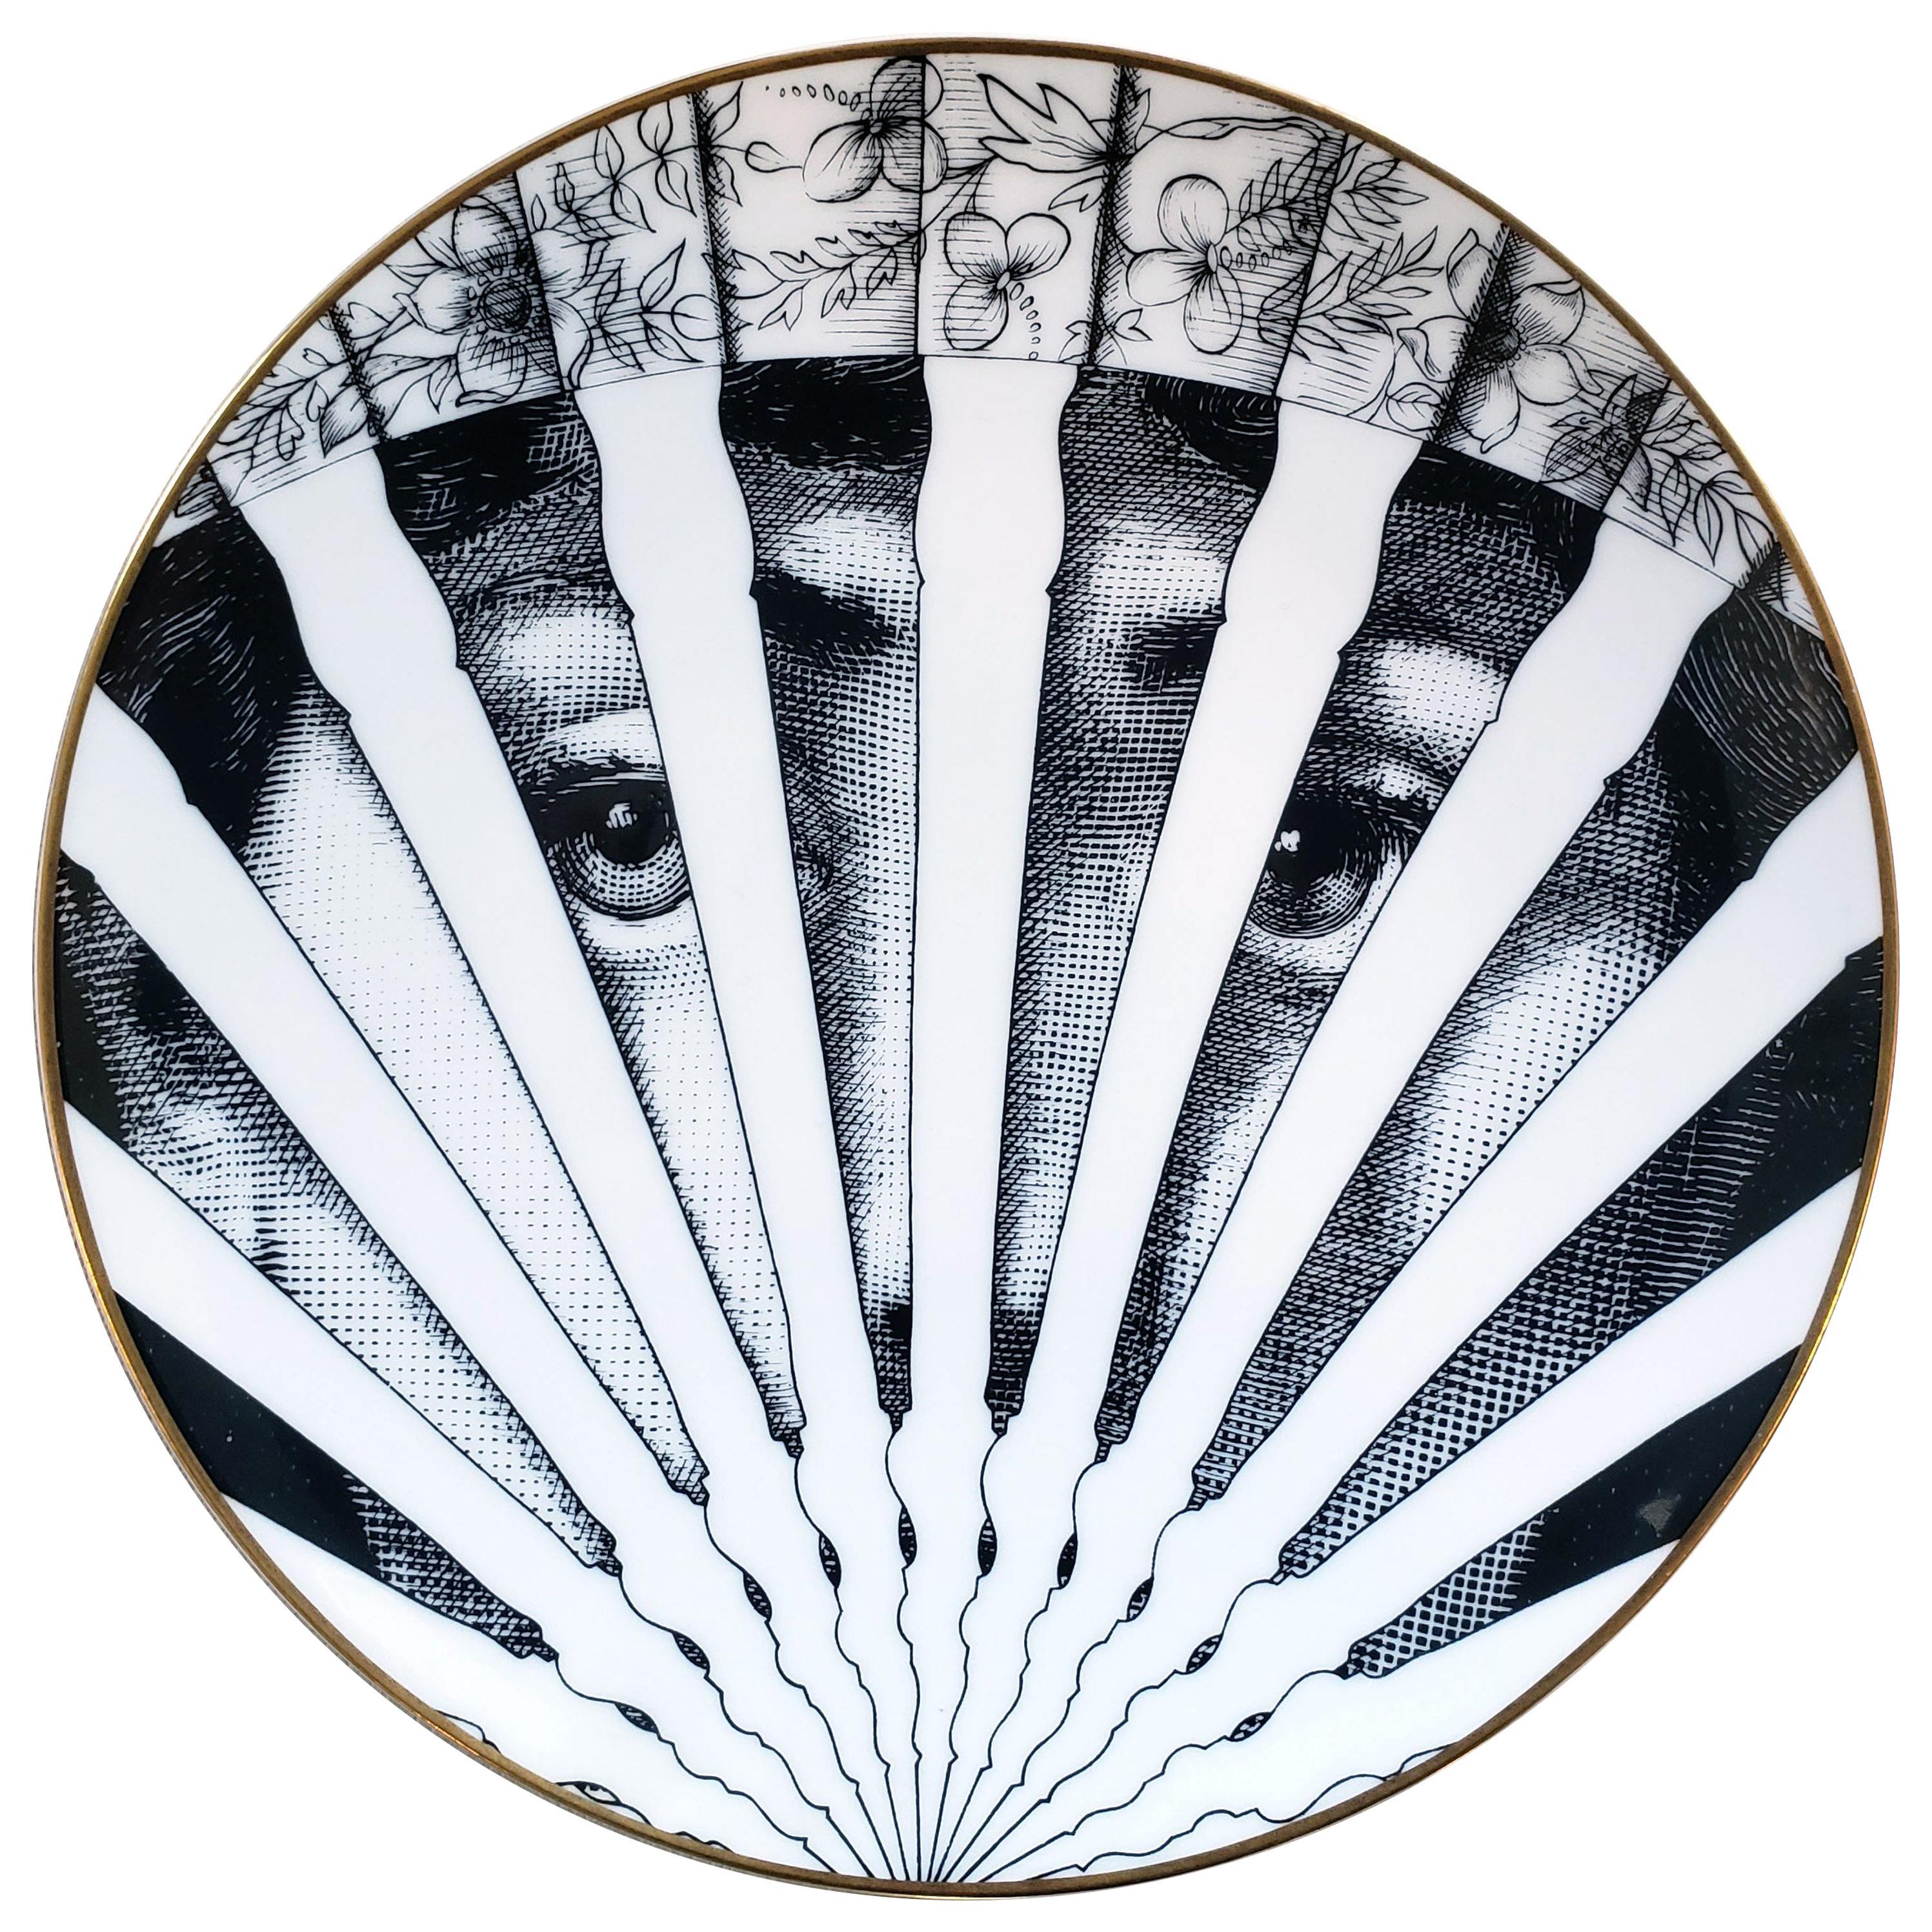 Piero Fornasetti Rosenthal Porcelain Plate, Motiv 26